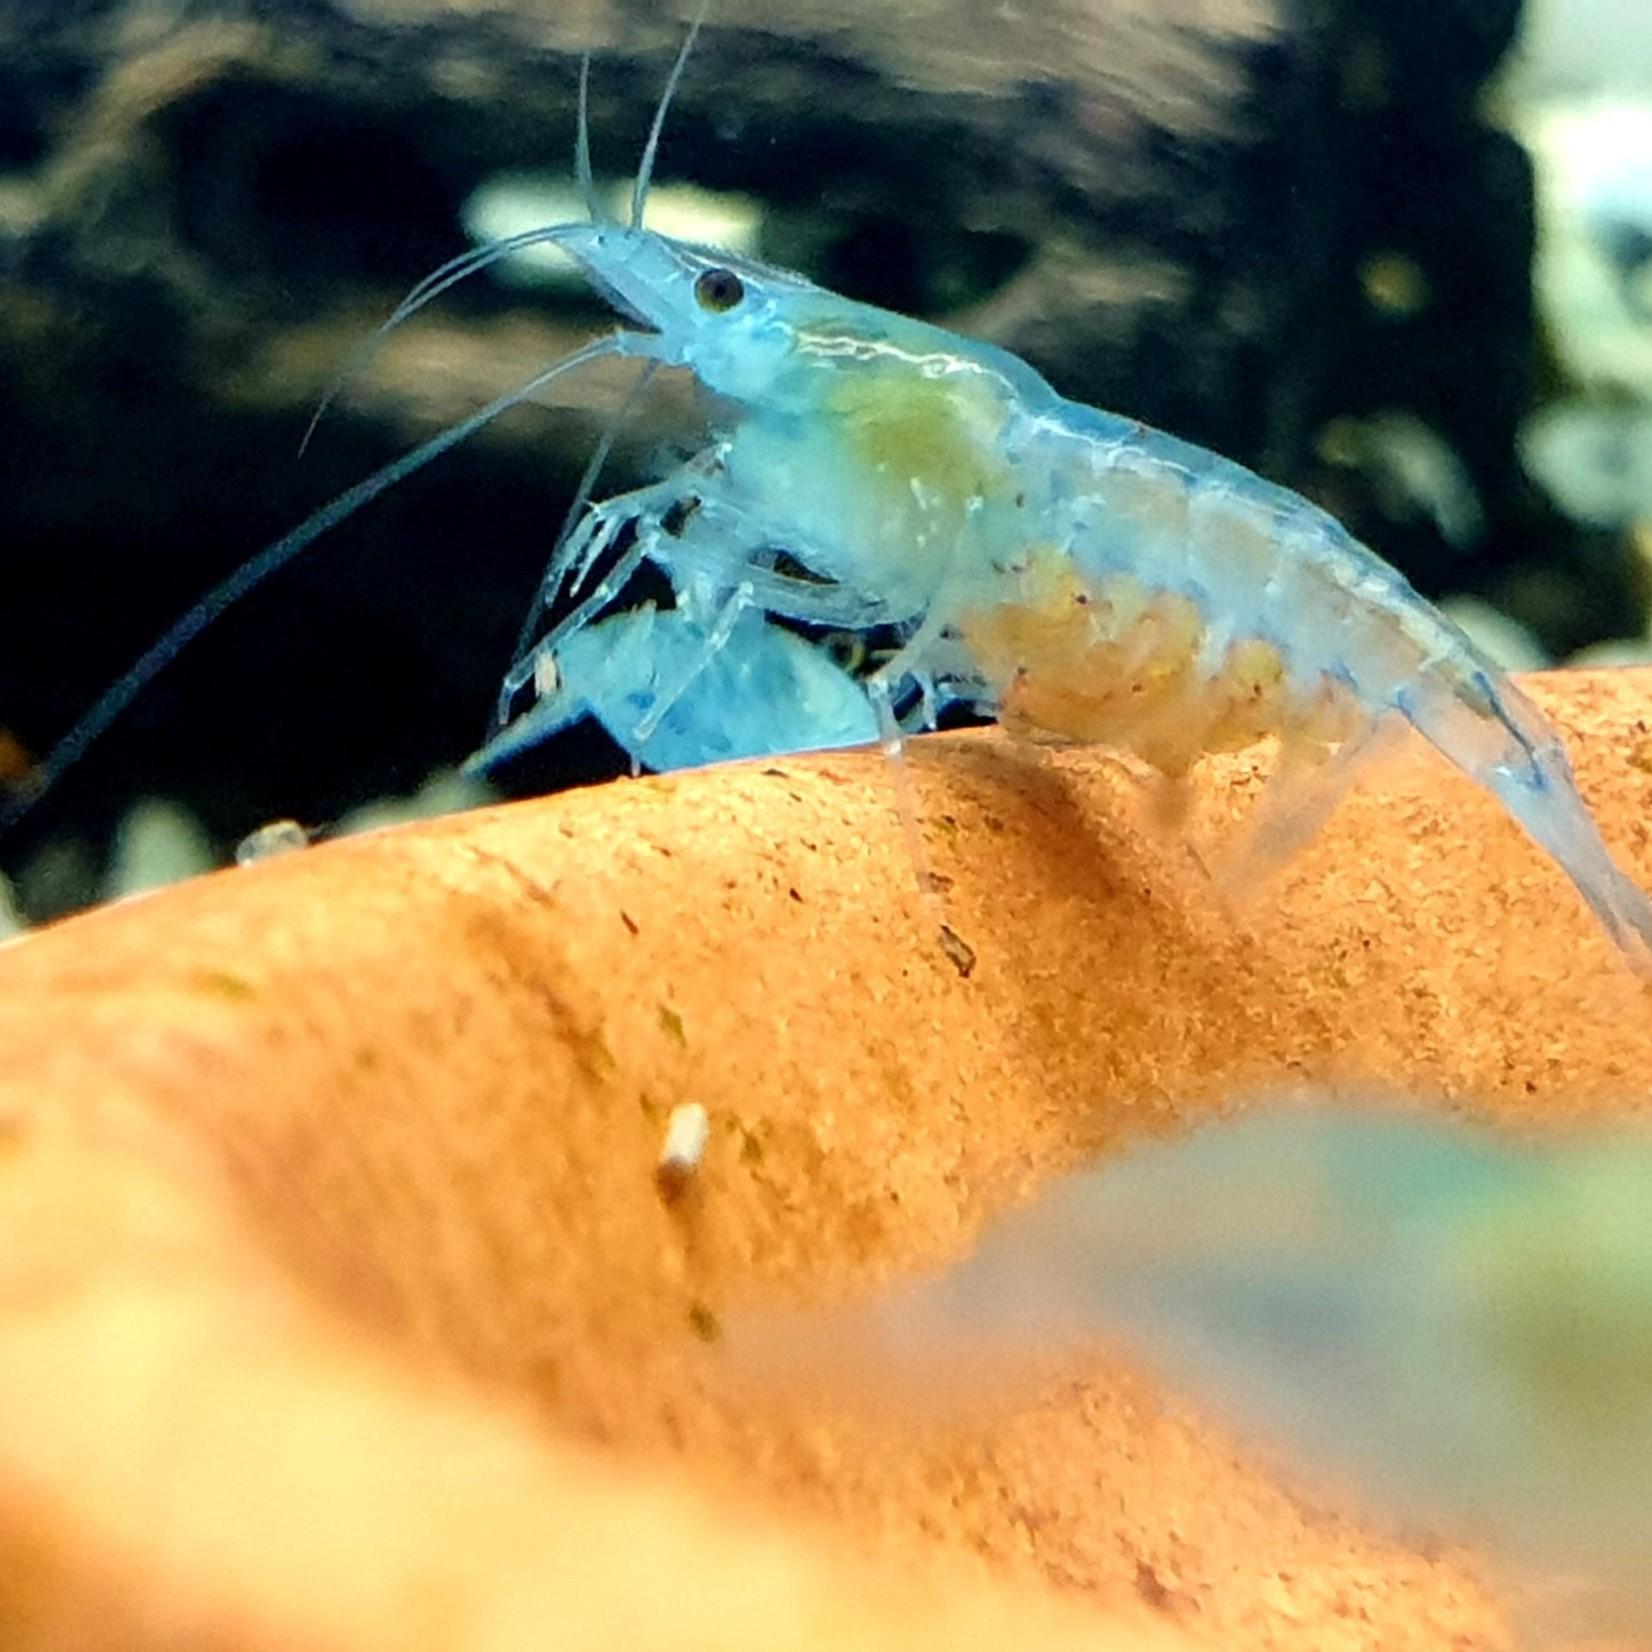 Bubba's Shrimps Shrimp Neocaridina davidi var. Full Blue Rili - jelly